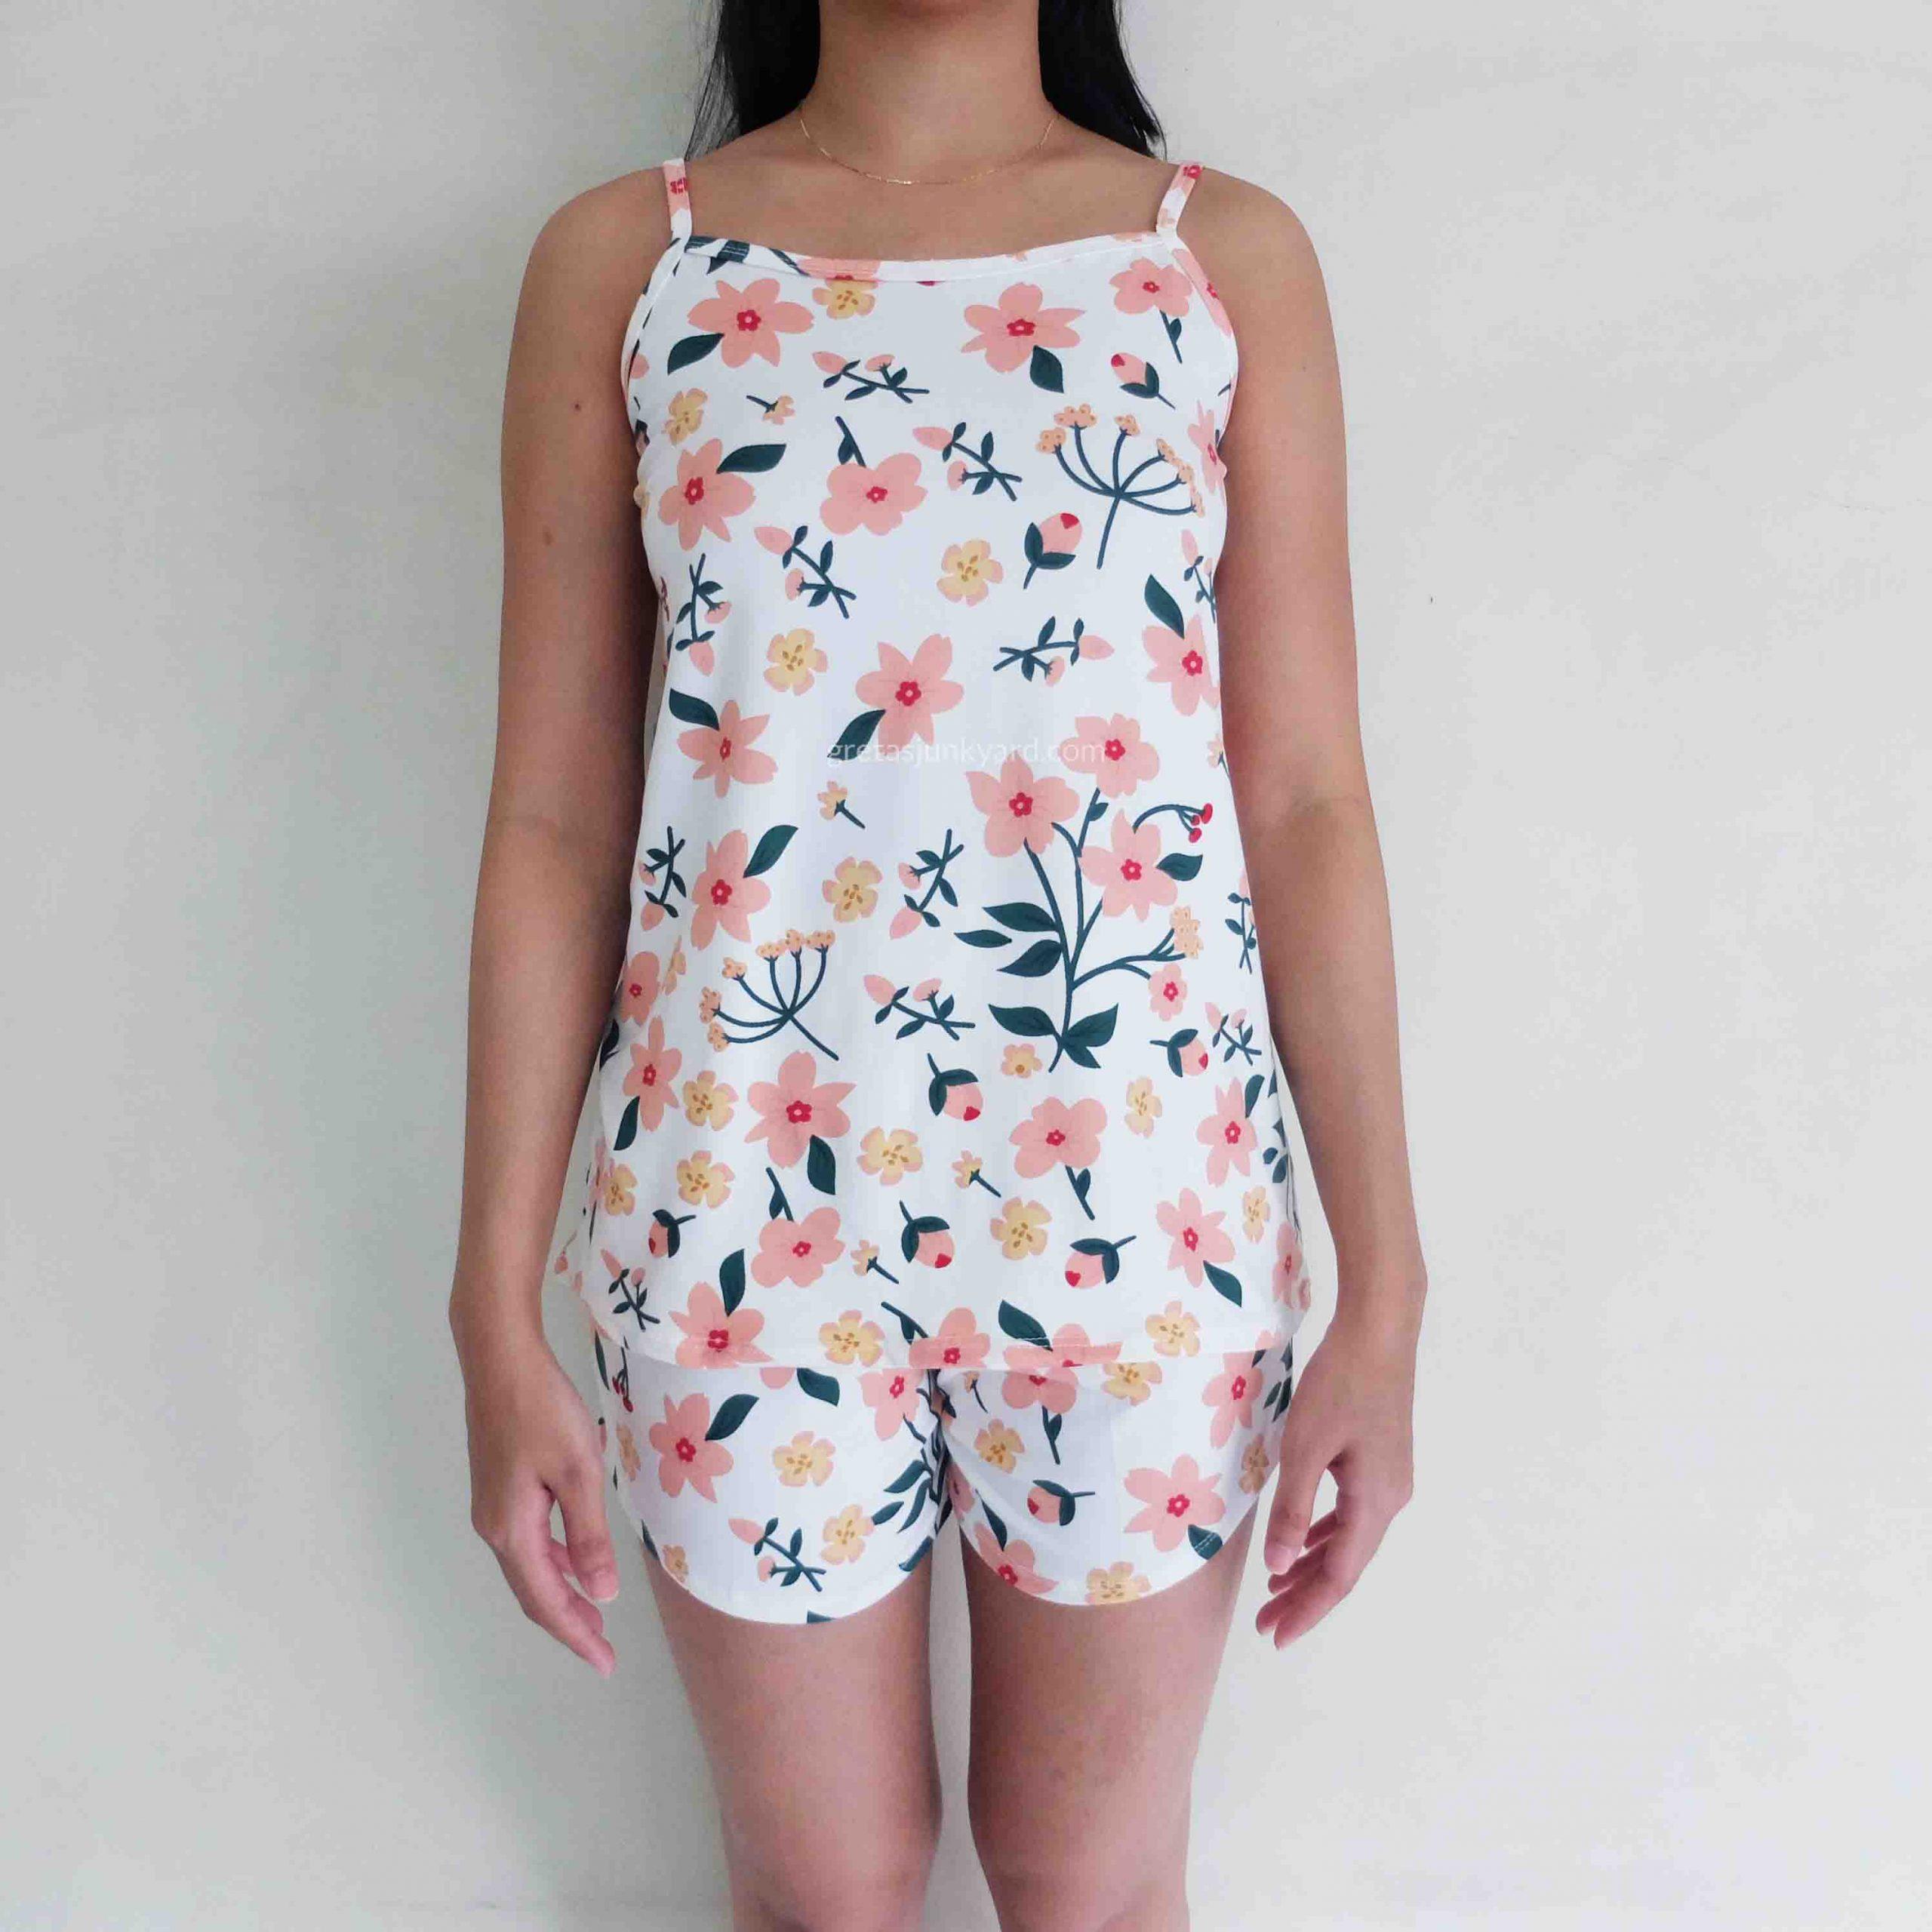 fiorina sando and shorts6